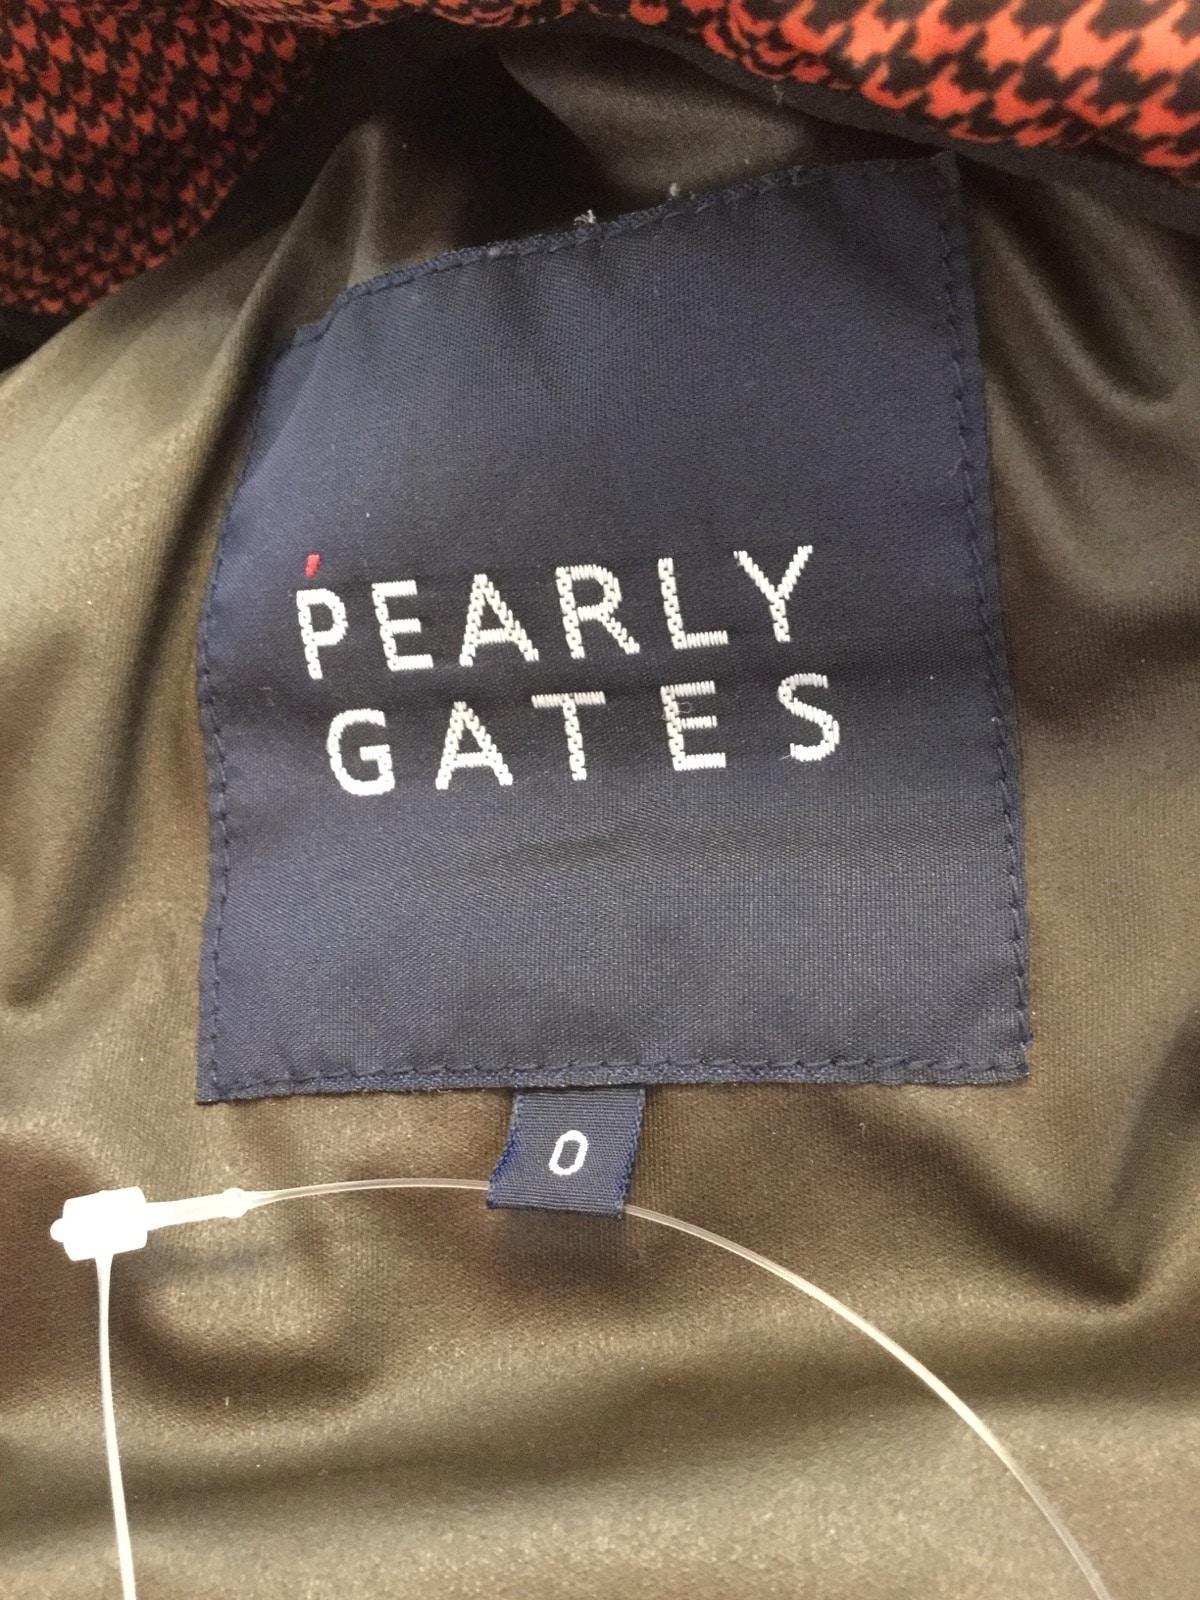 PEARLY GATES(パーリーゲイツ)のダウンジャケット